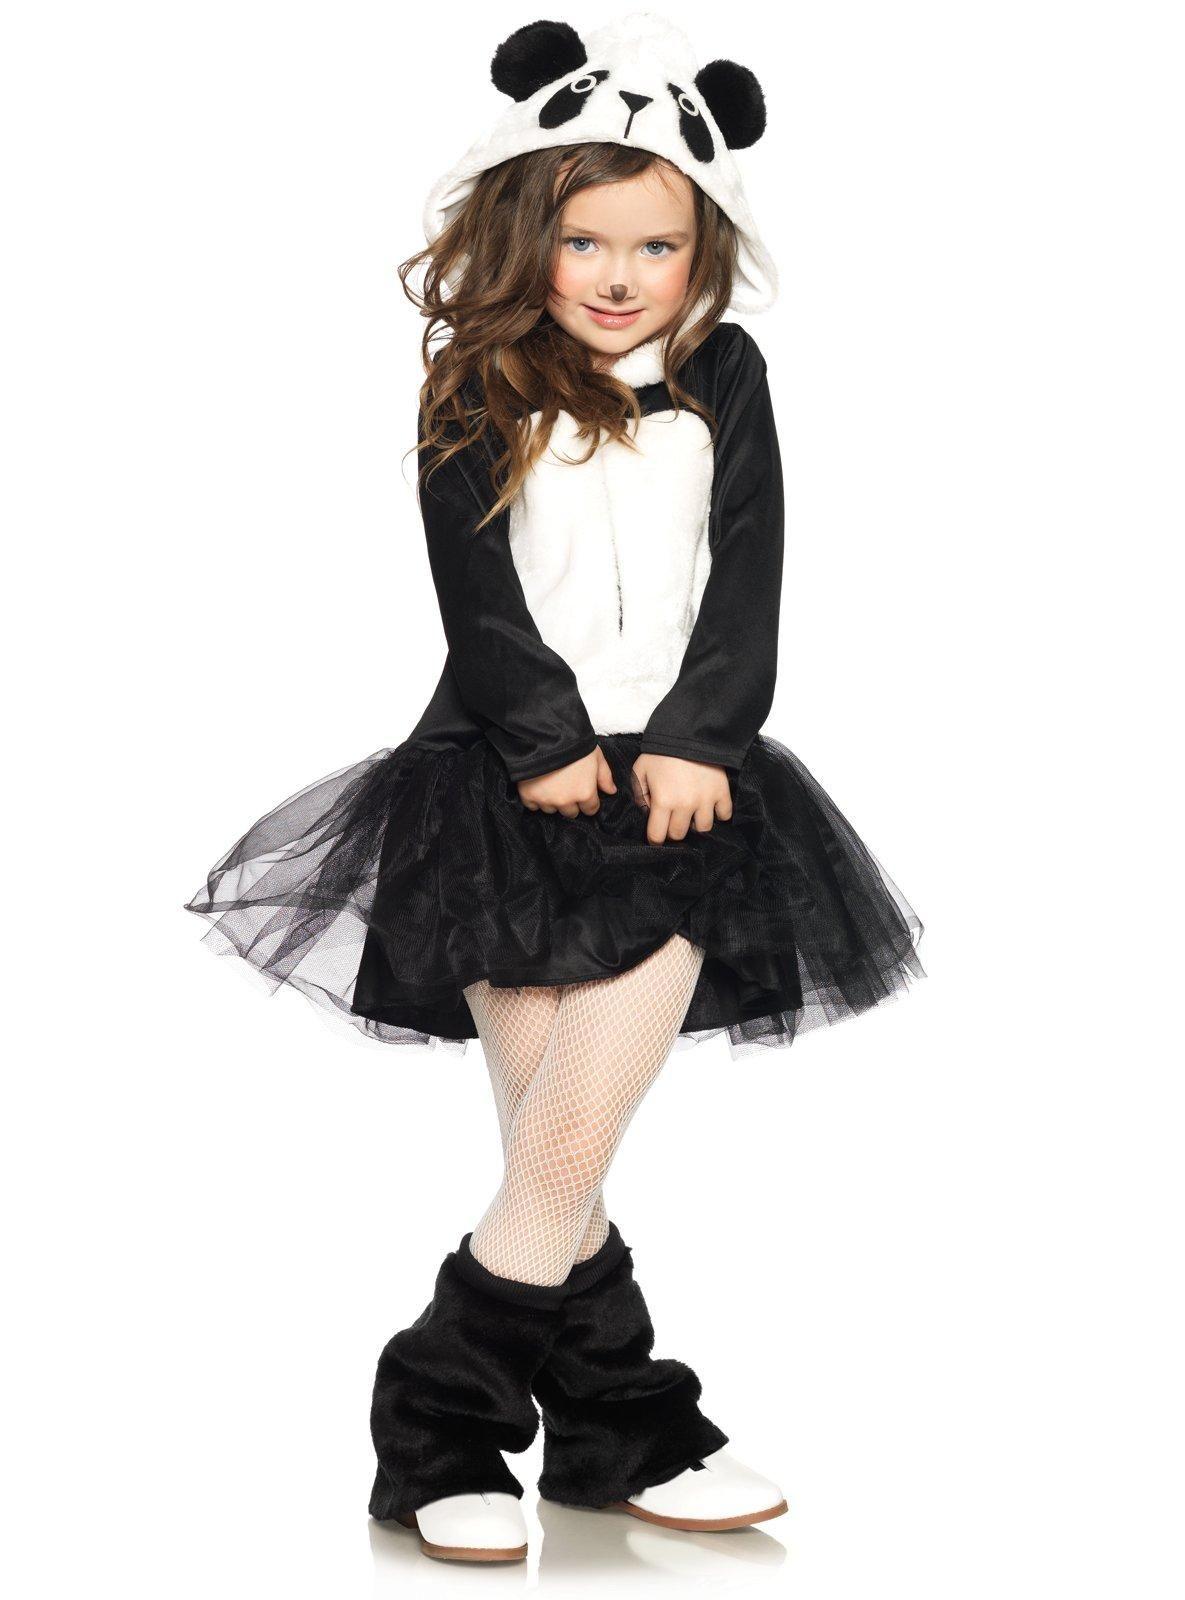 Precious Panda Child Costume From Costumeexpress Com Fantasias De Panda